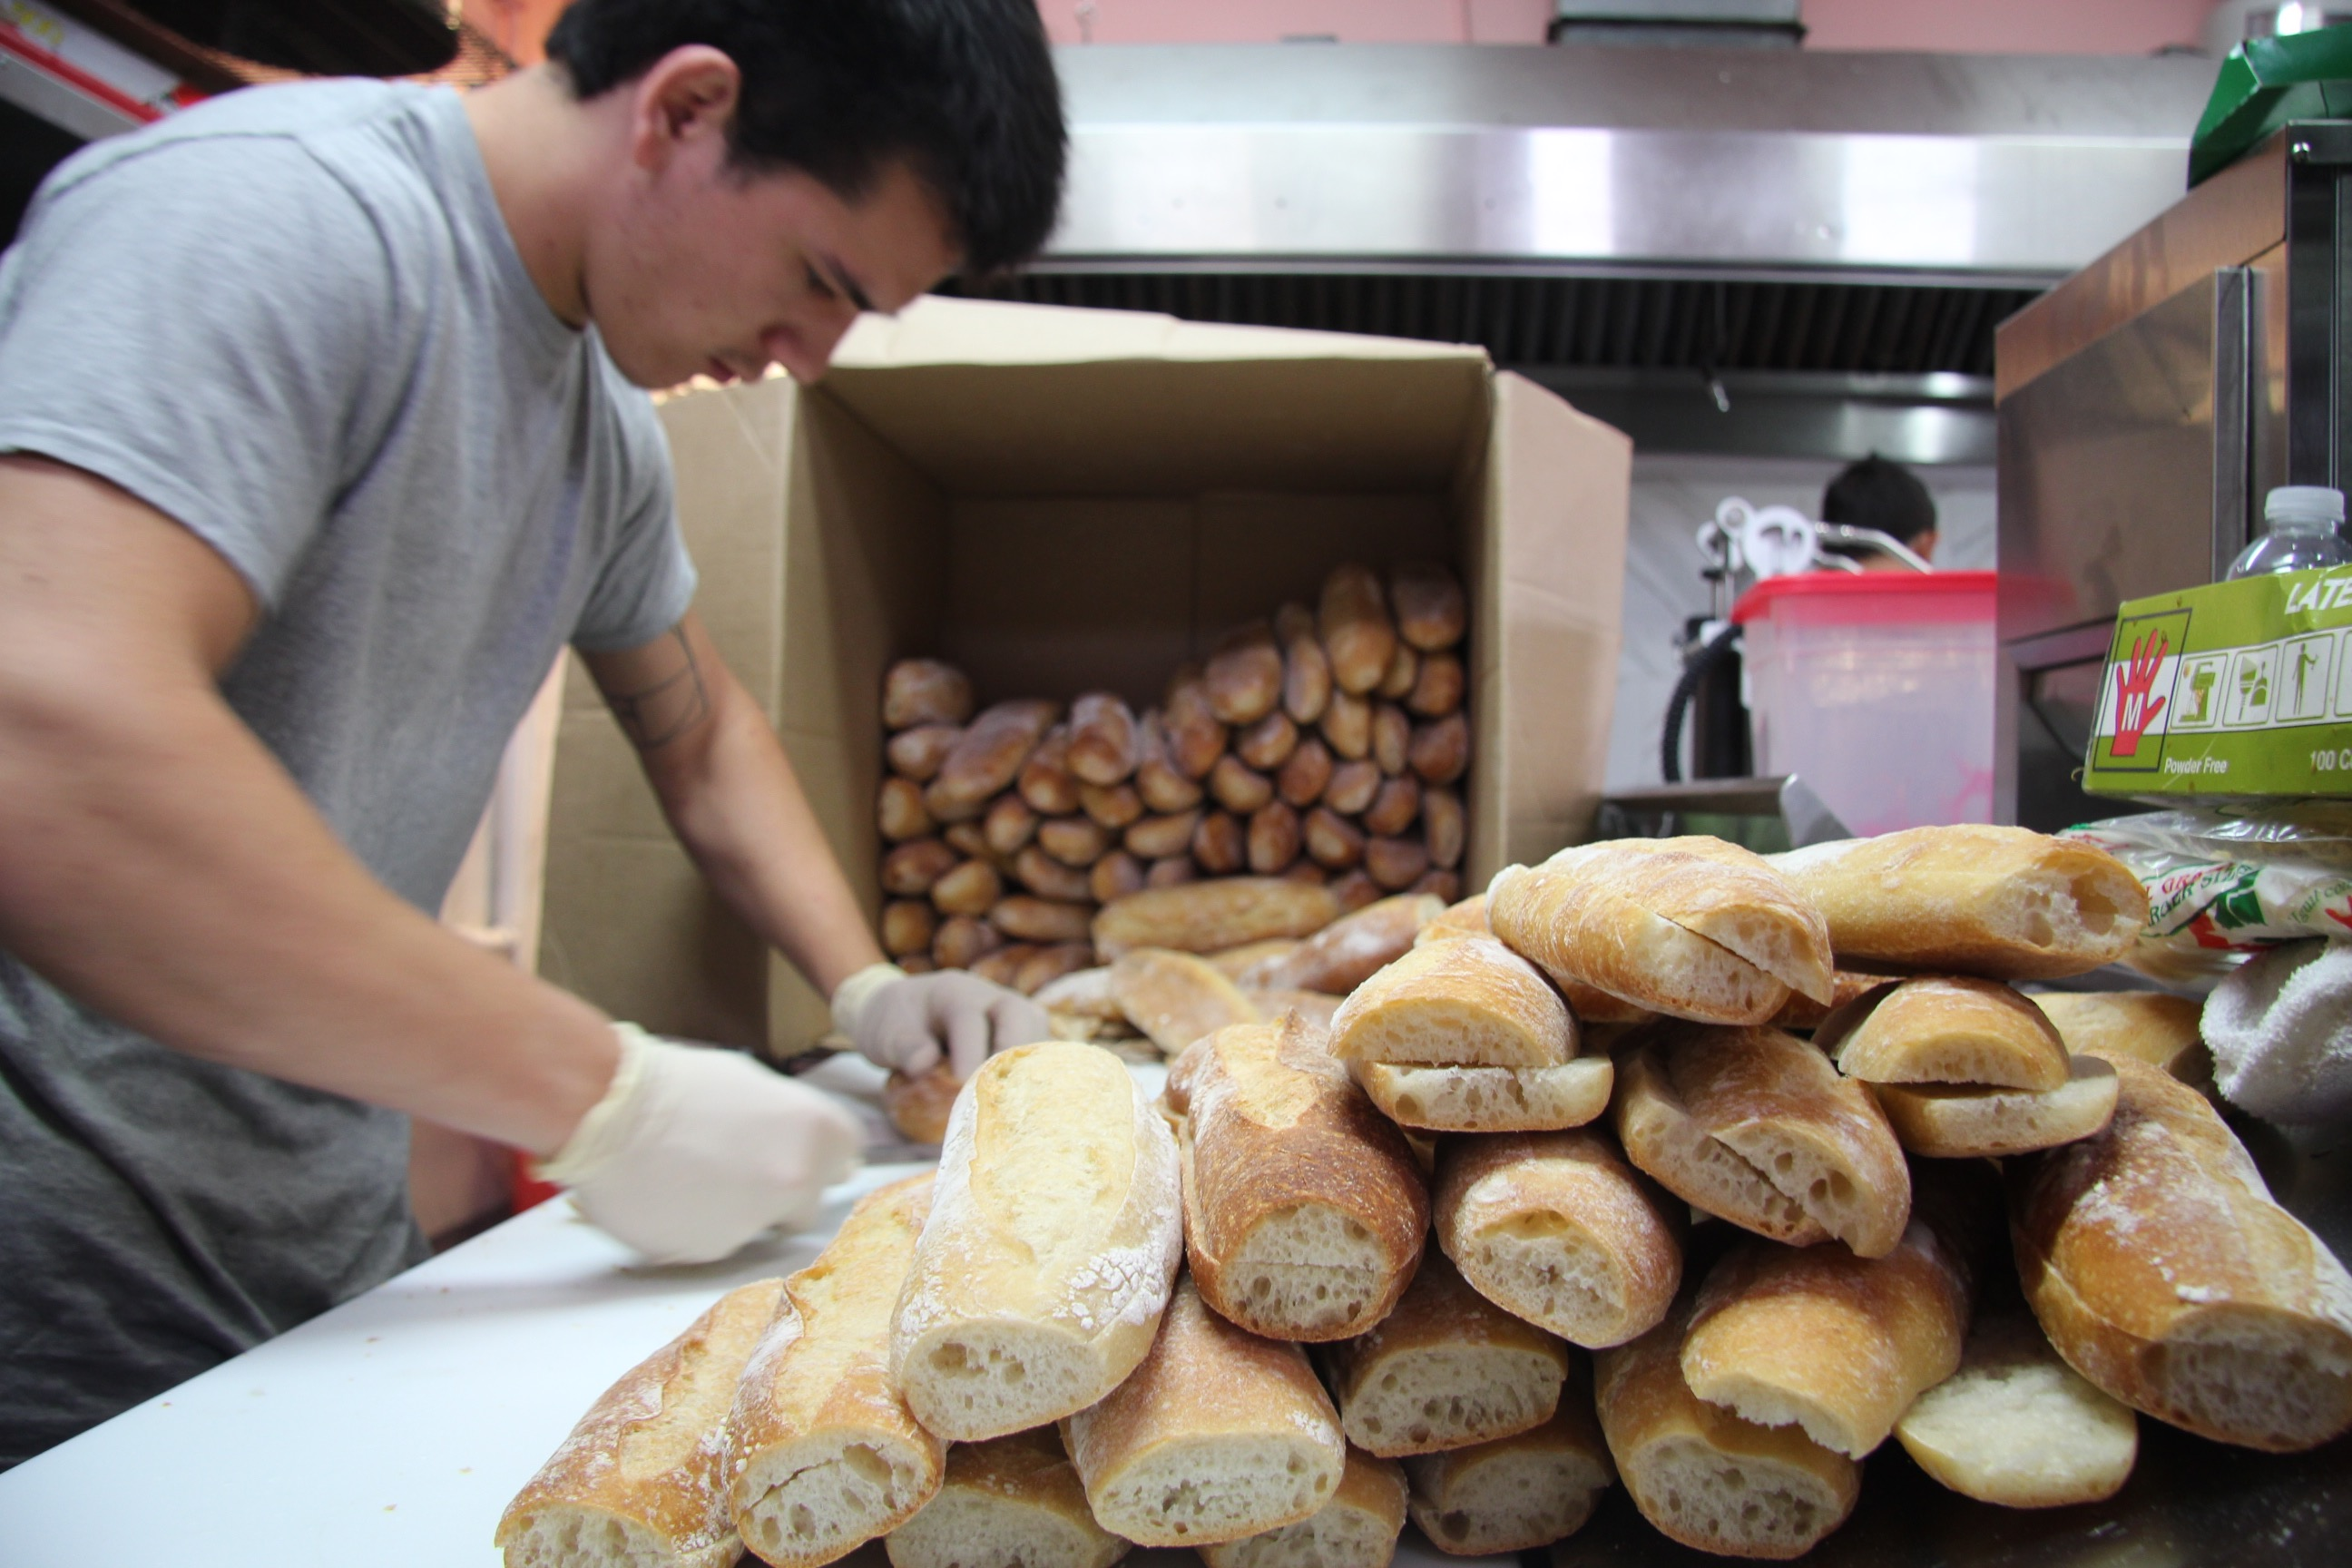 sons of former paseo owner open cuban eatery in ballard | westside